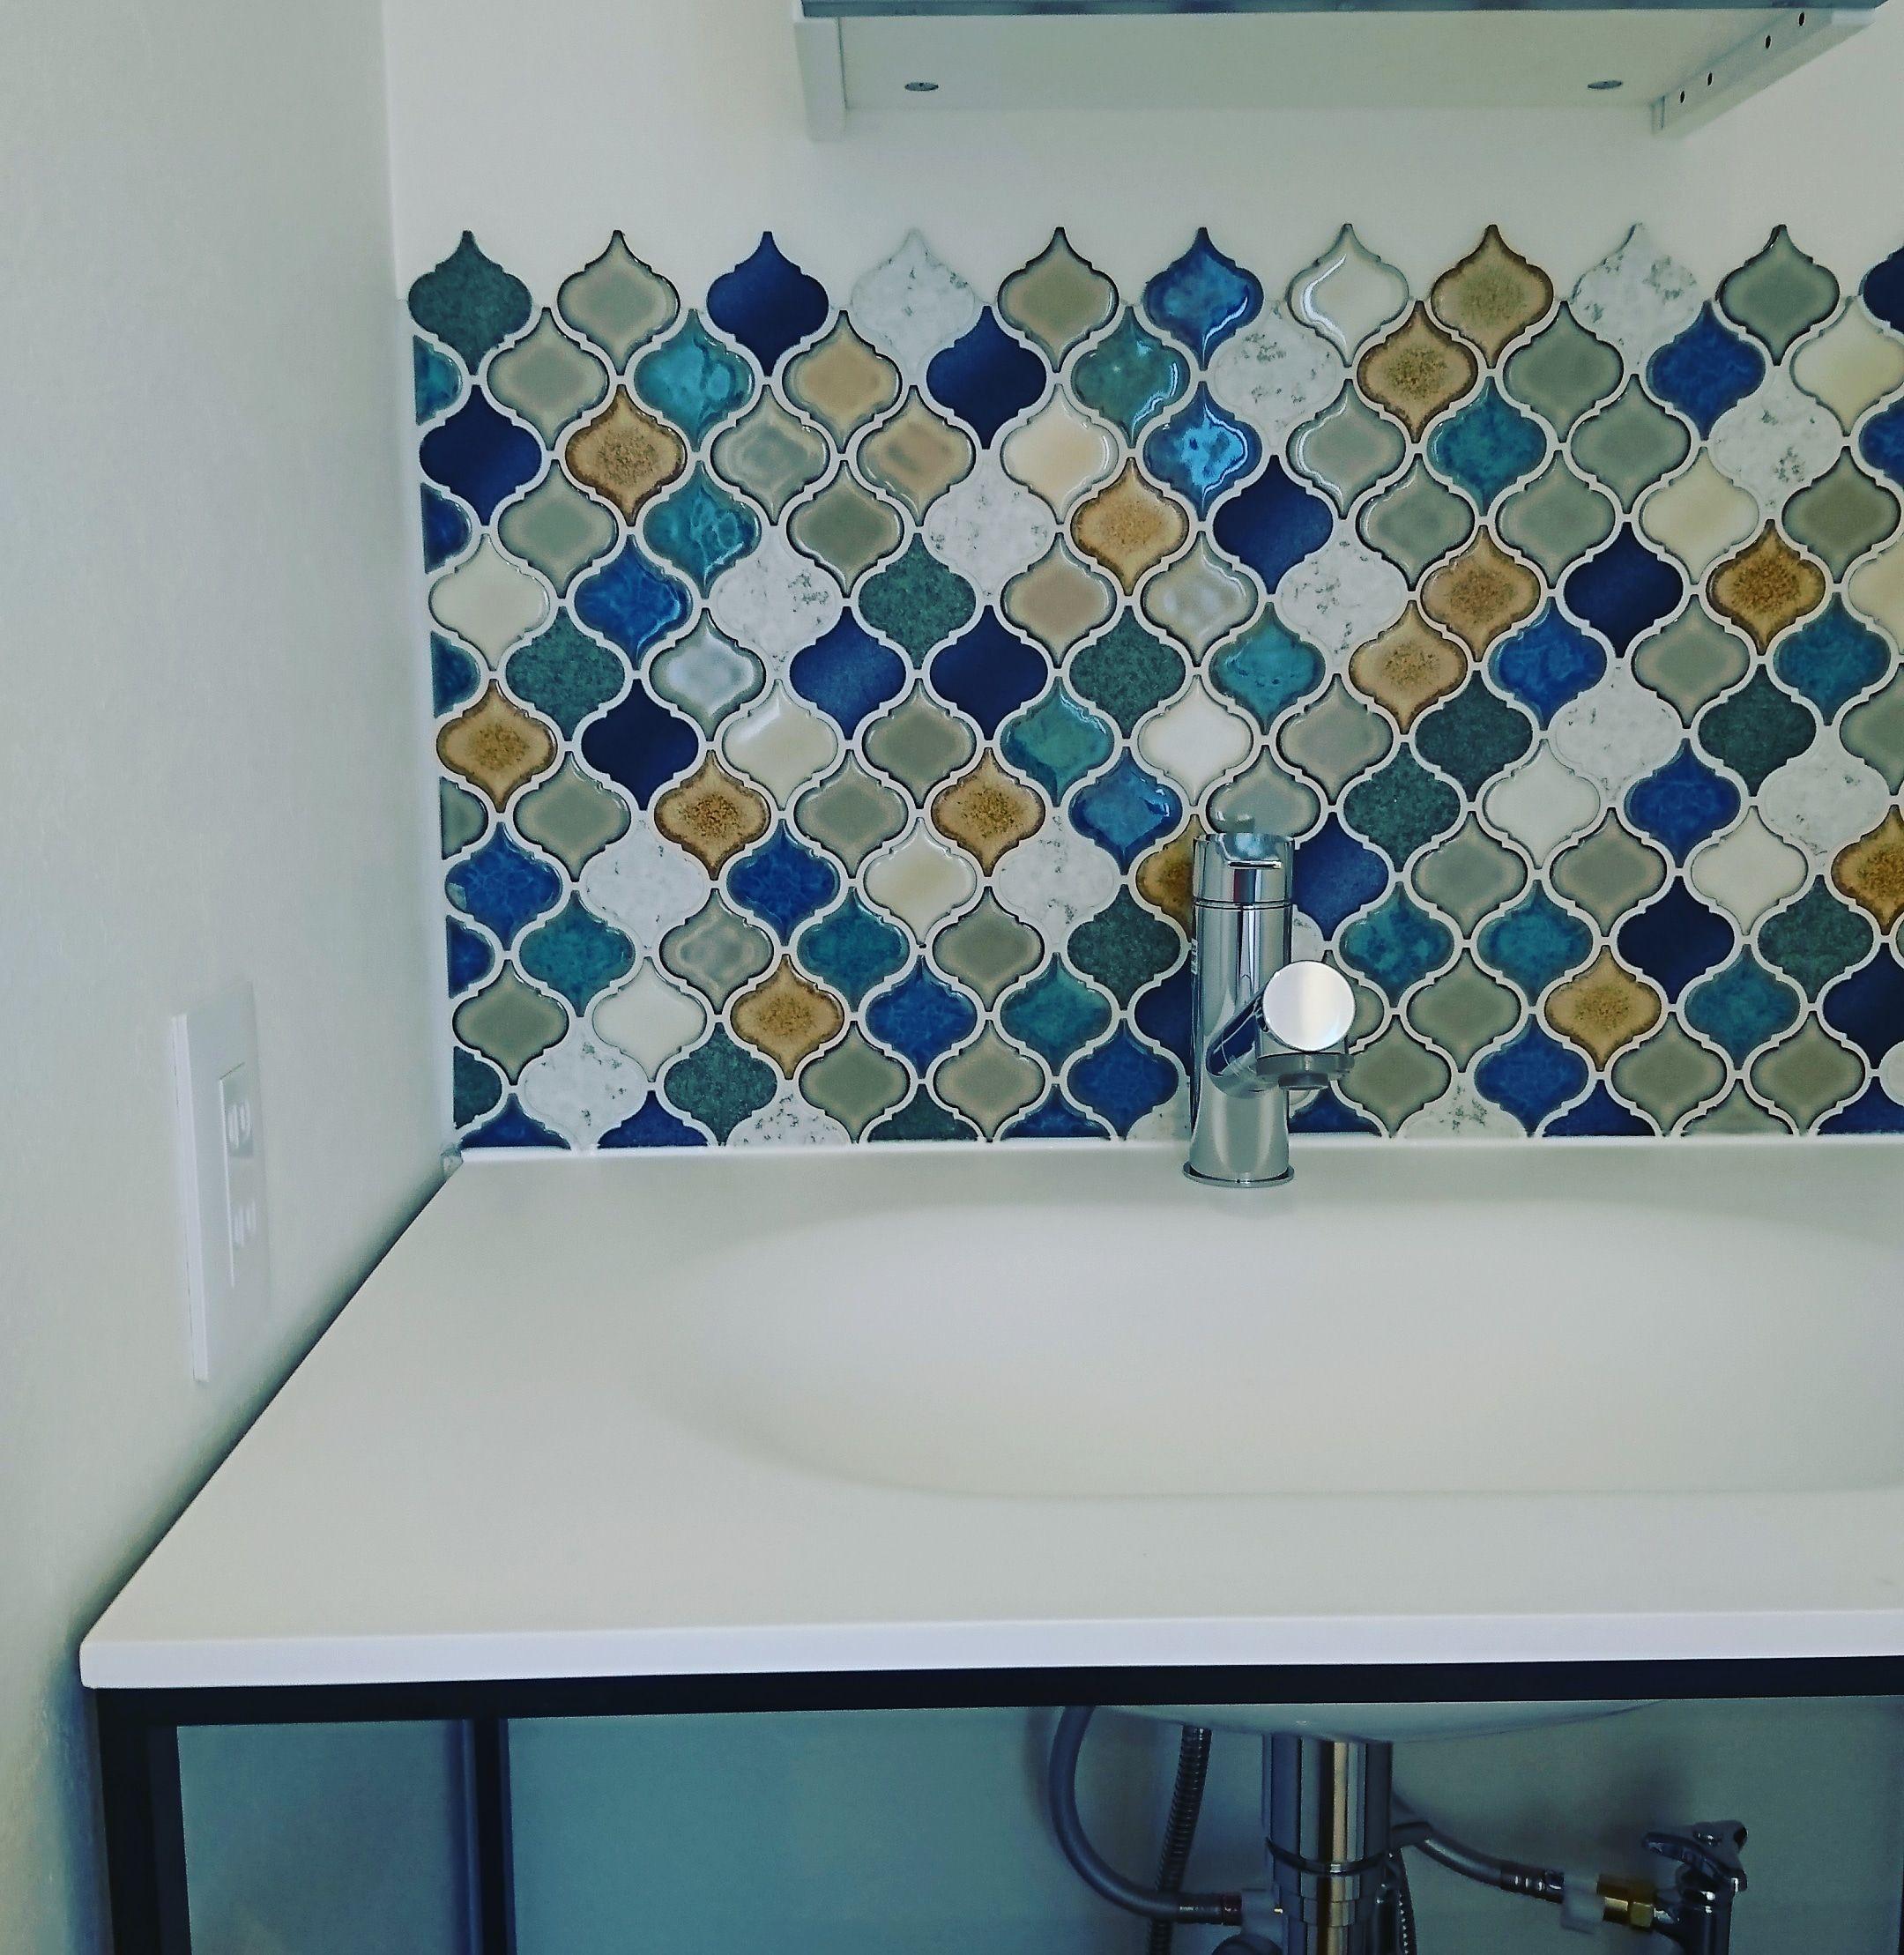 リバーの施工事例一覧 株式会社リバー 洗面 壁紙 タイル モロッコインテリア